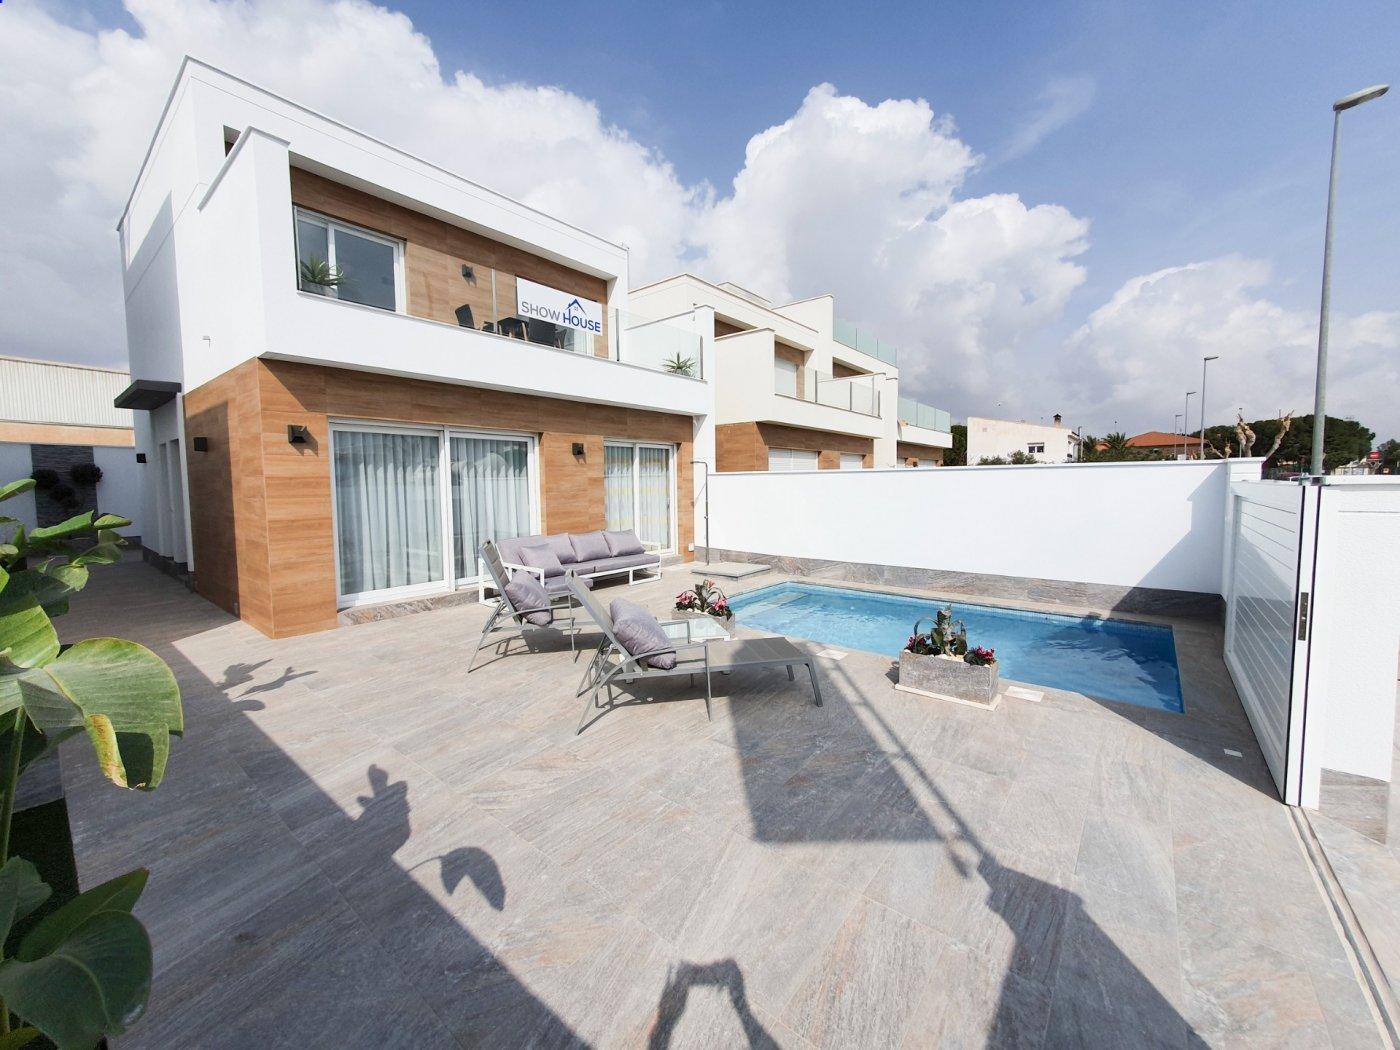 Villas modernas en pilar de horadada - imagenInmueble4